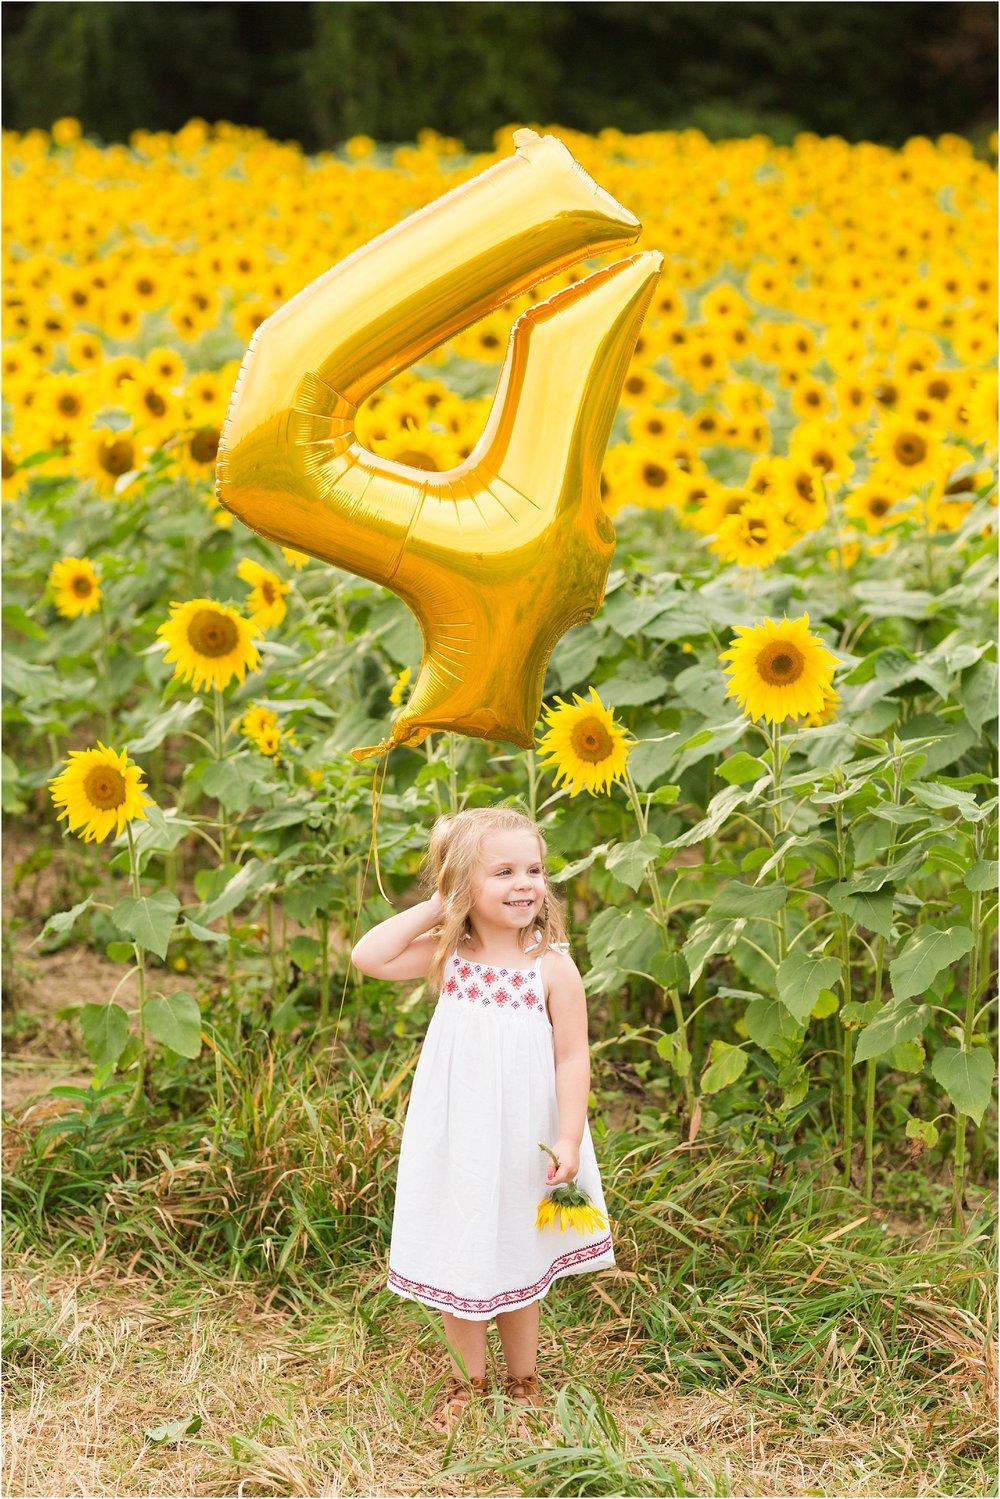 carroll-county-photographer-sunflower-field-30.jpg